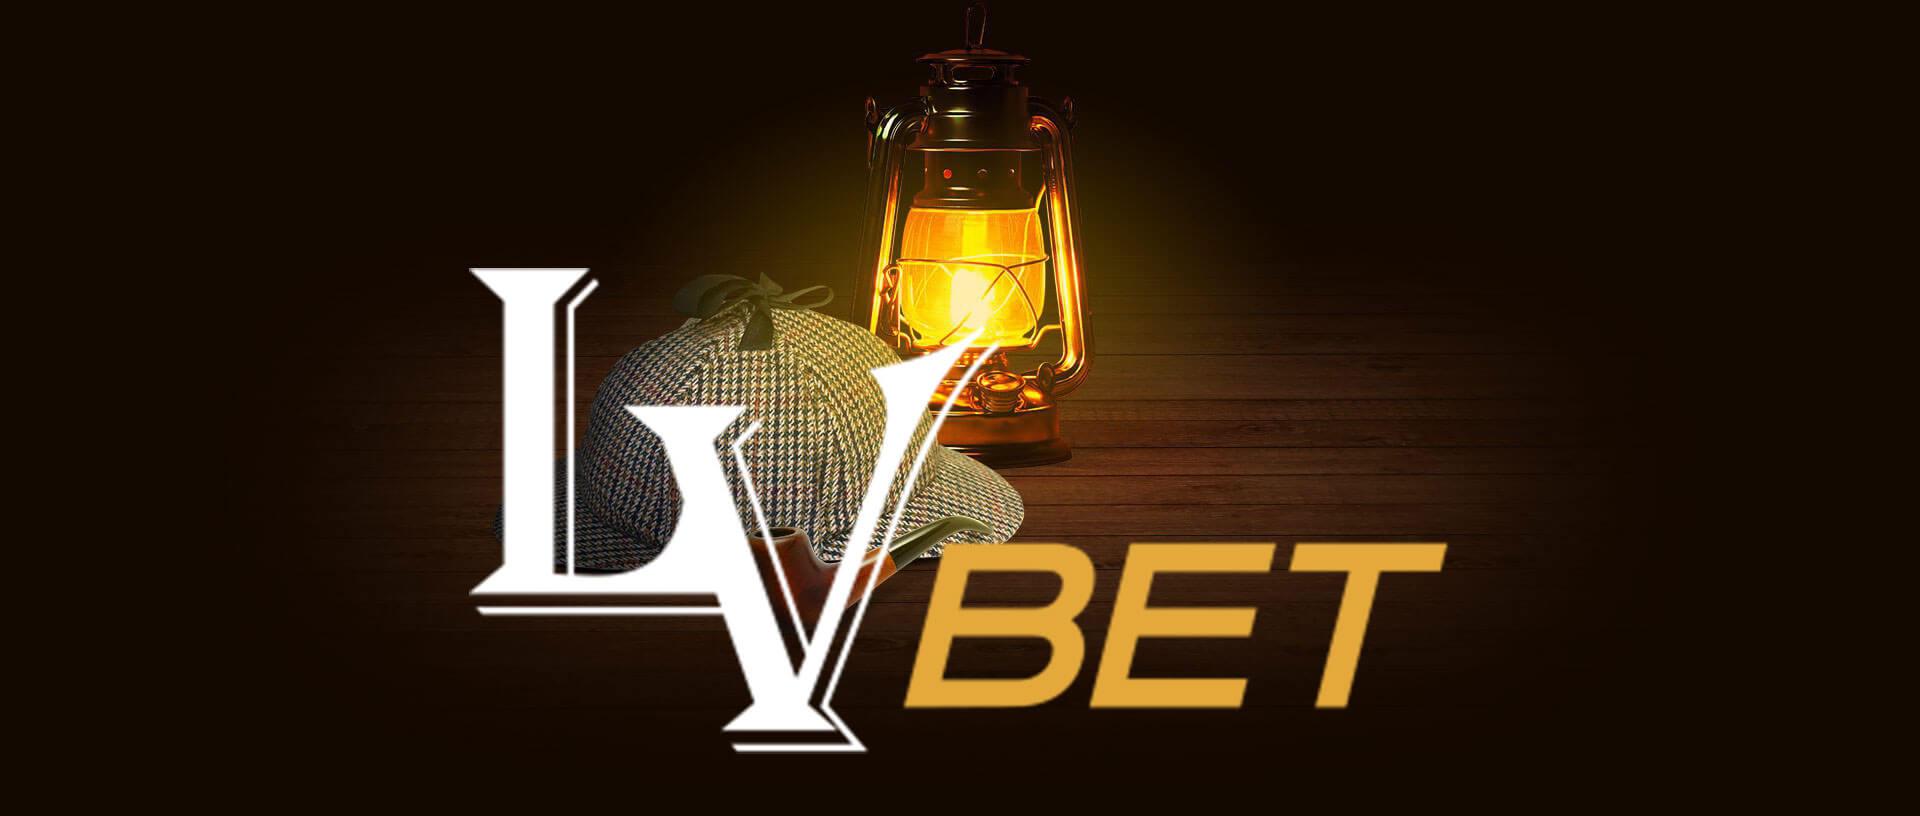 Freispiele und Casino Bonus bei LVbet